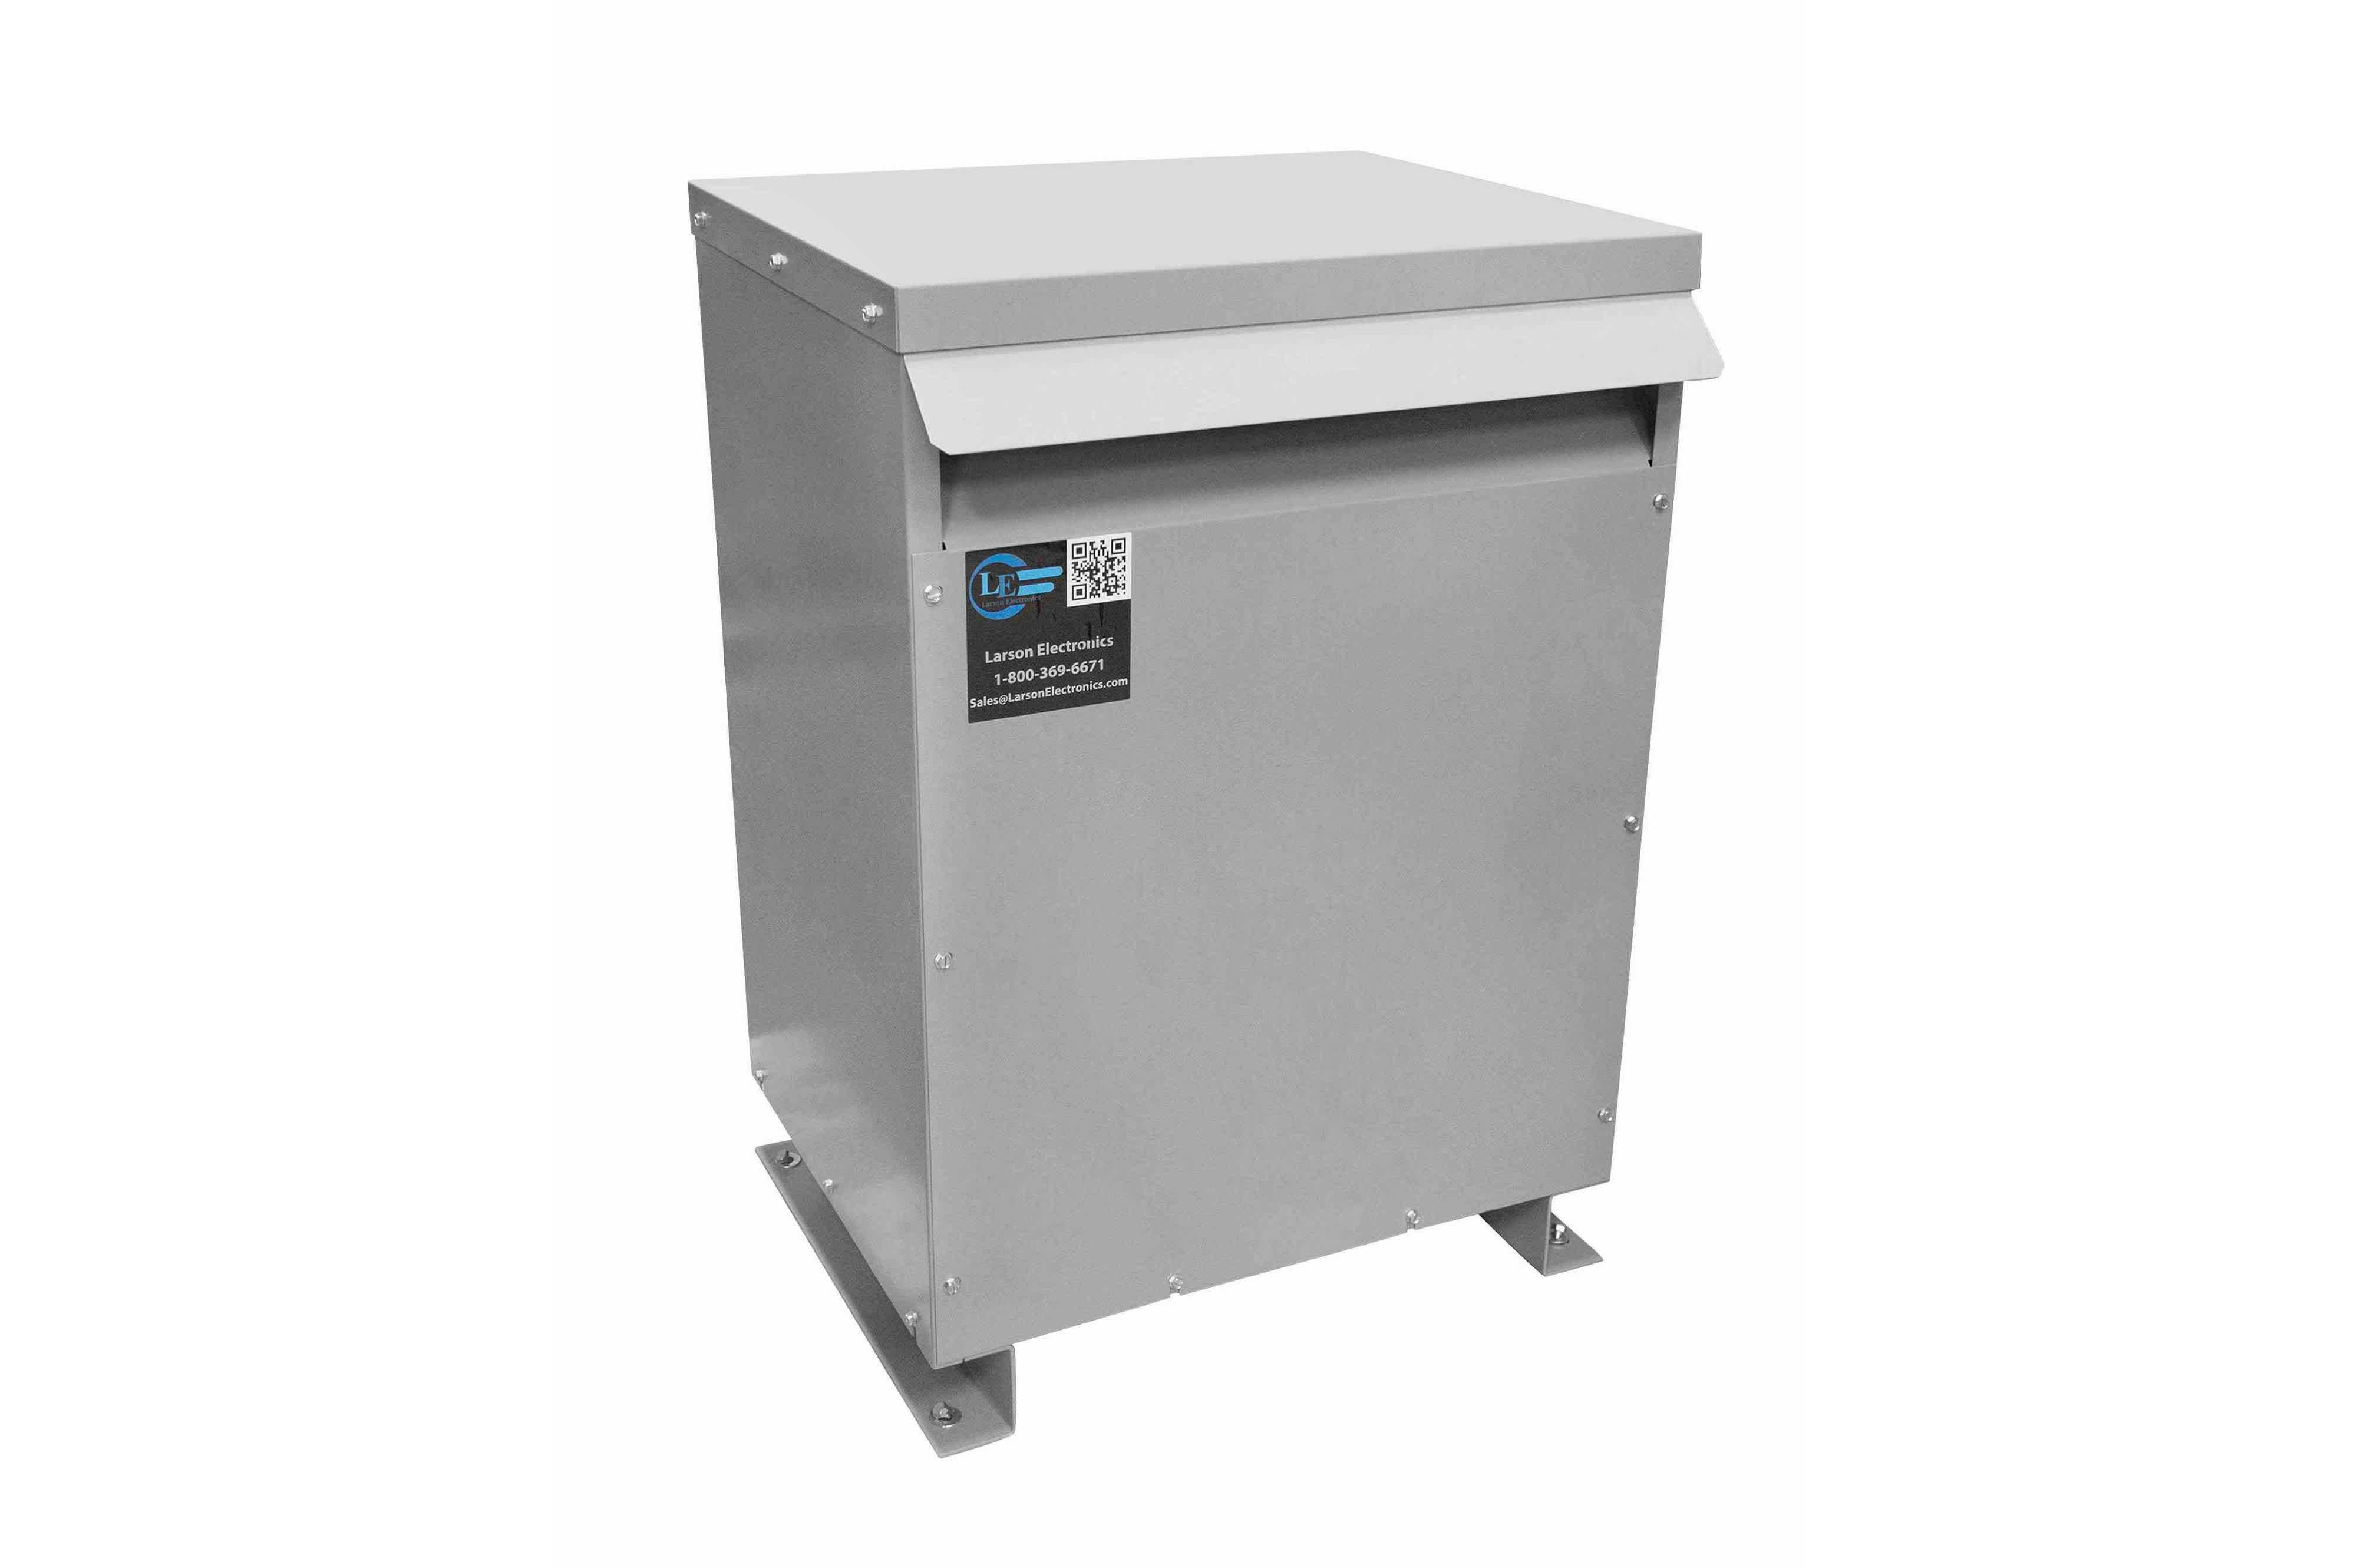 30 kVA 3PH Isolation Transformer, 600V Delta Primary, 208V Delta Secondary, N3R, Ventilated, 60 Hz